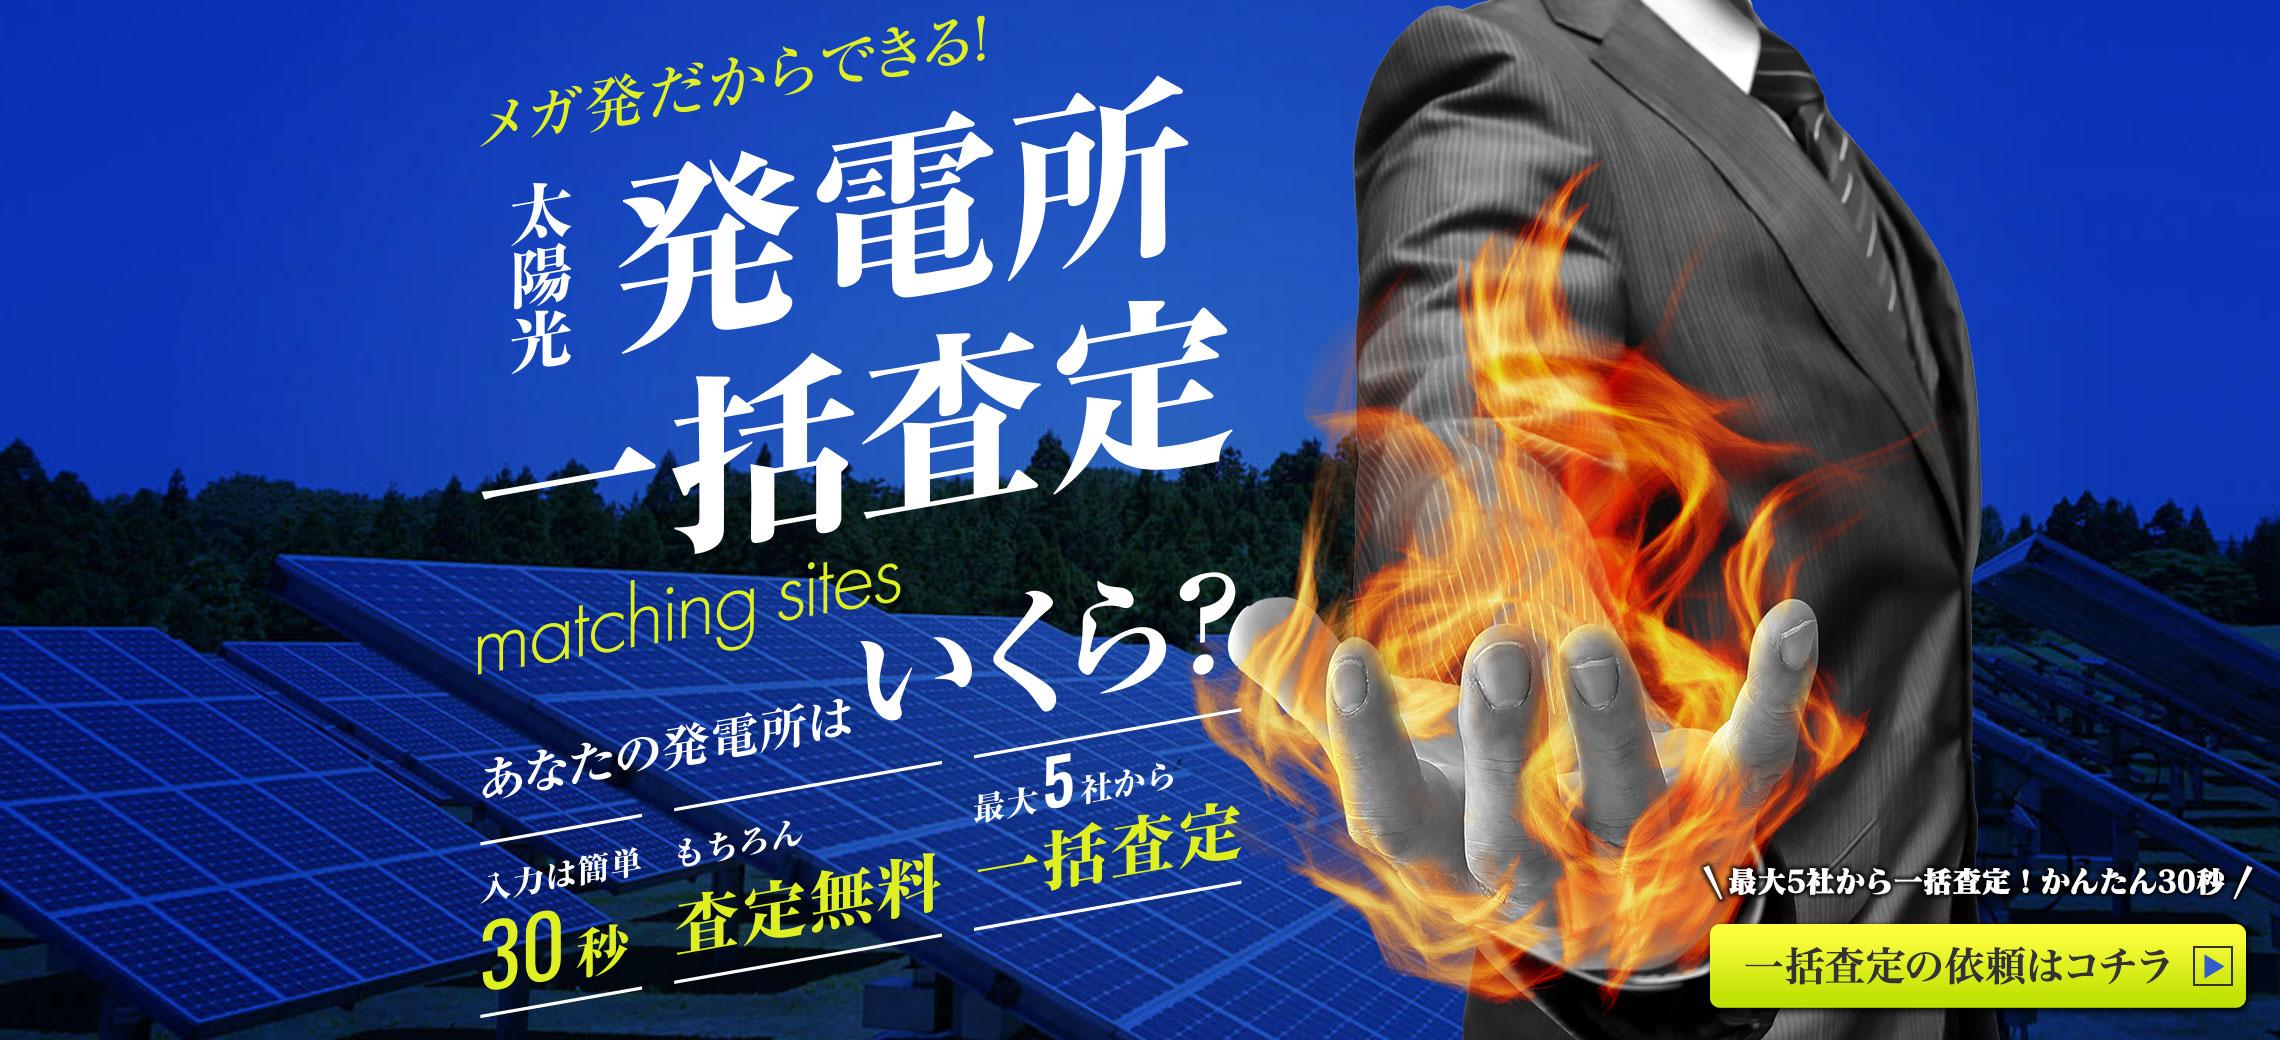 メガ発 太陽光発電所 一括査定